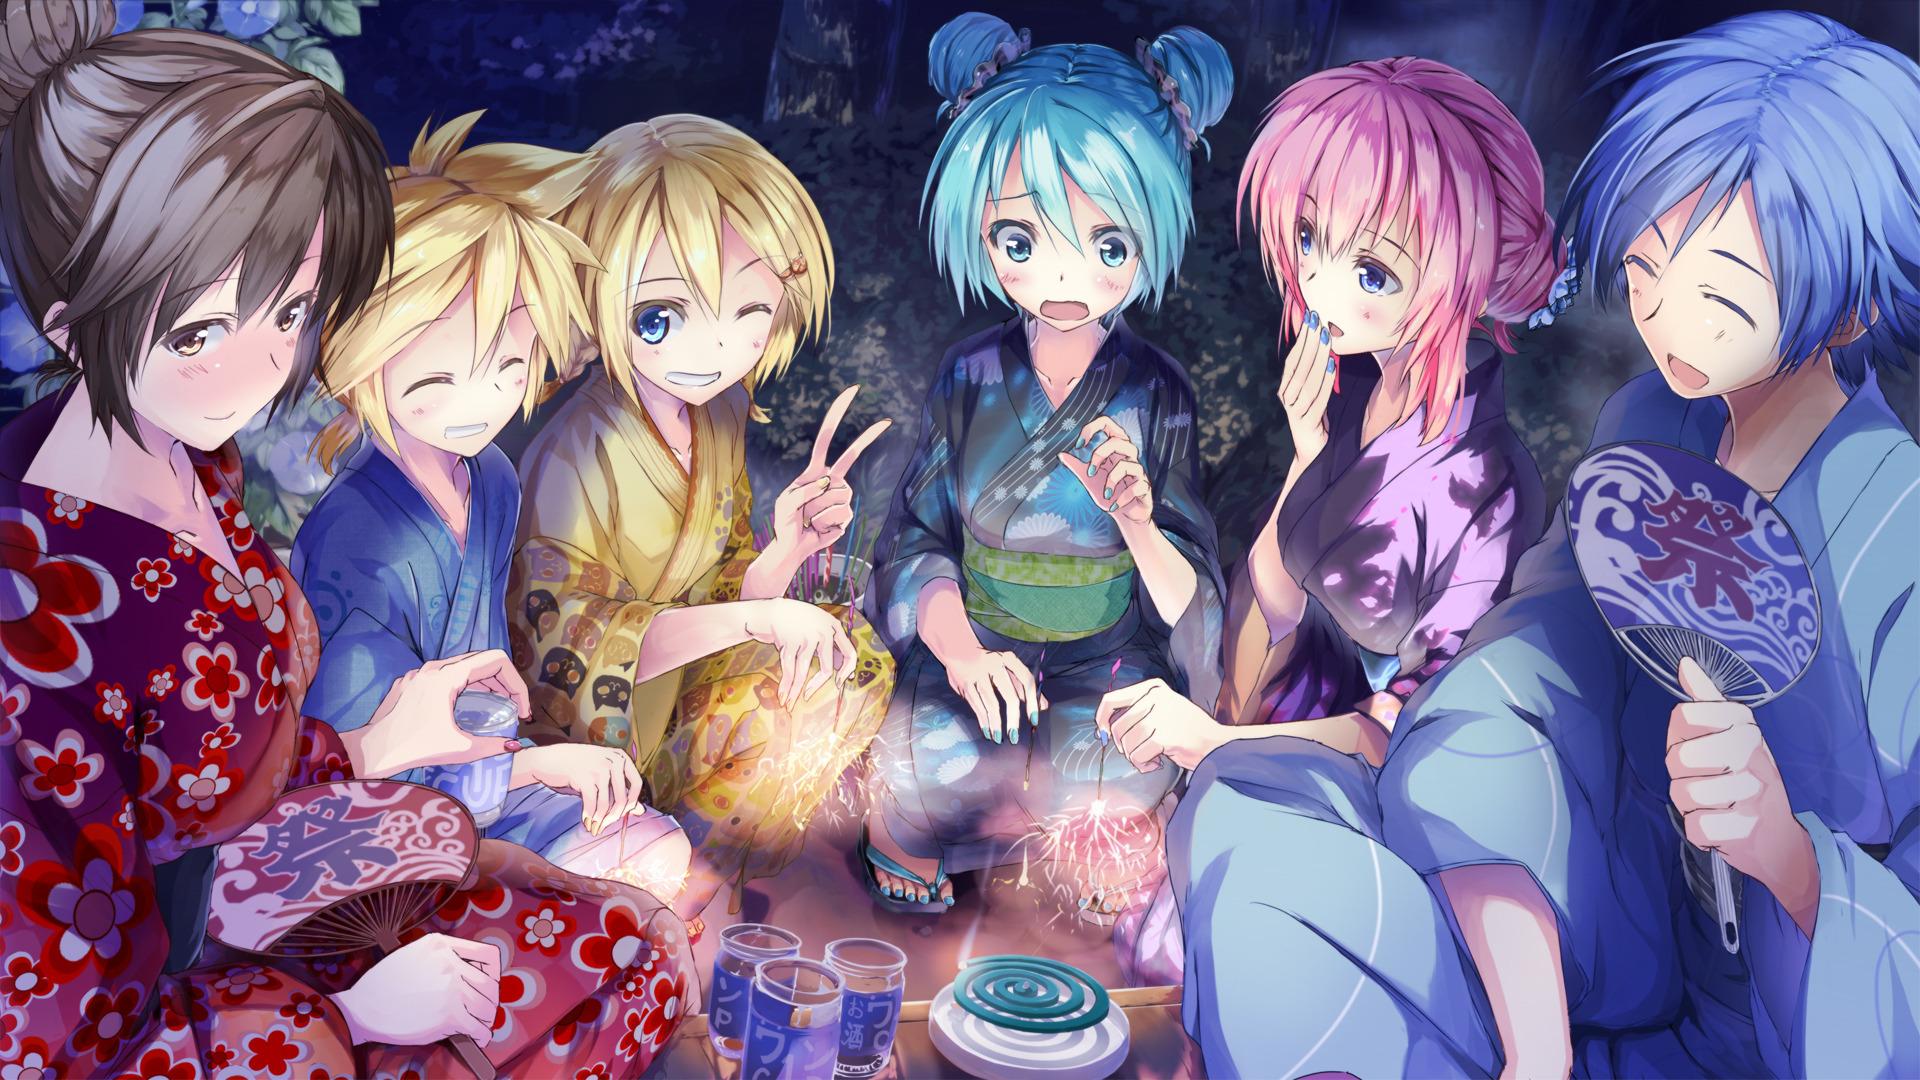 Header mangas coloré  322014hatsunemikumegurinelukakagaminerinkagaminelenkaitomeikolookjoysurpriseembarrassment